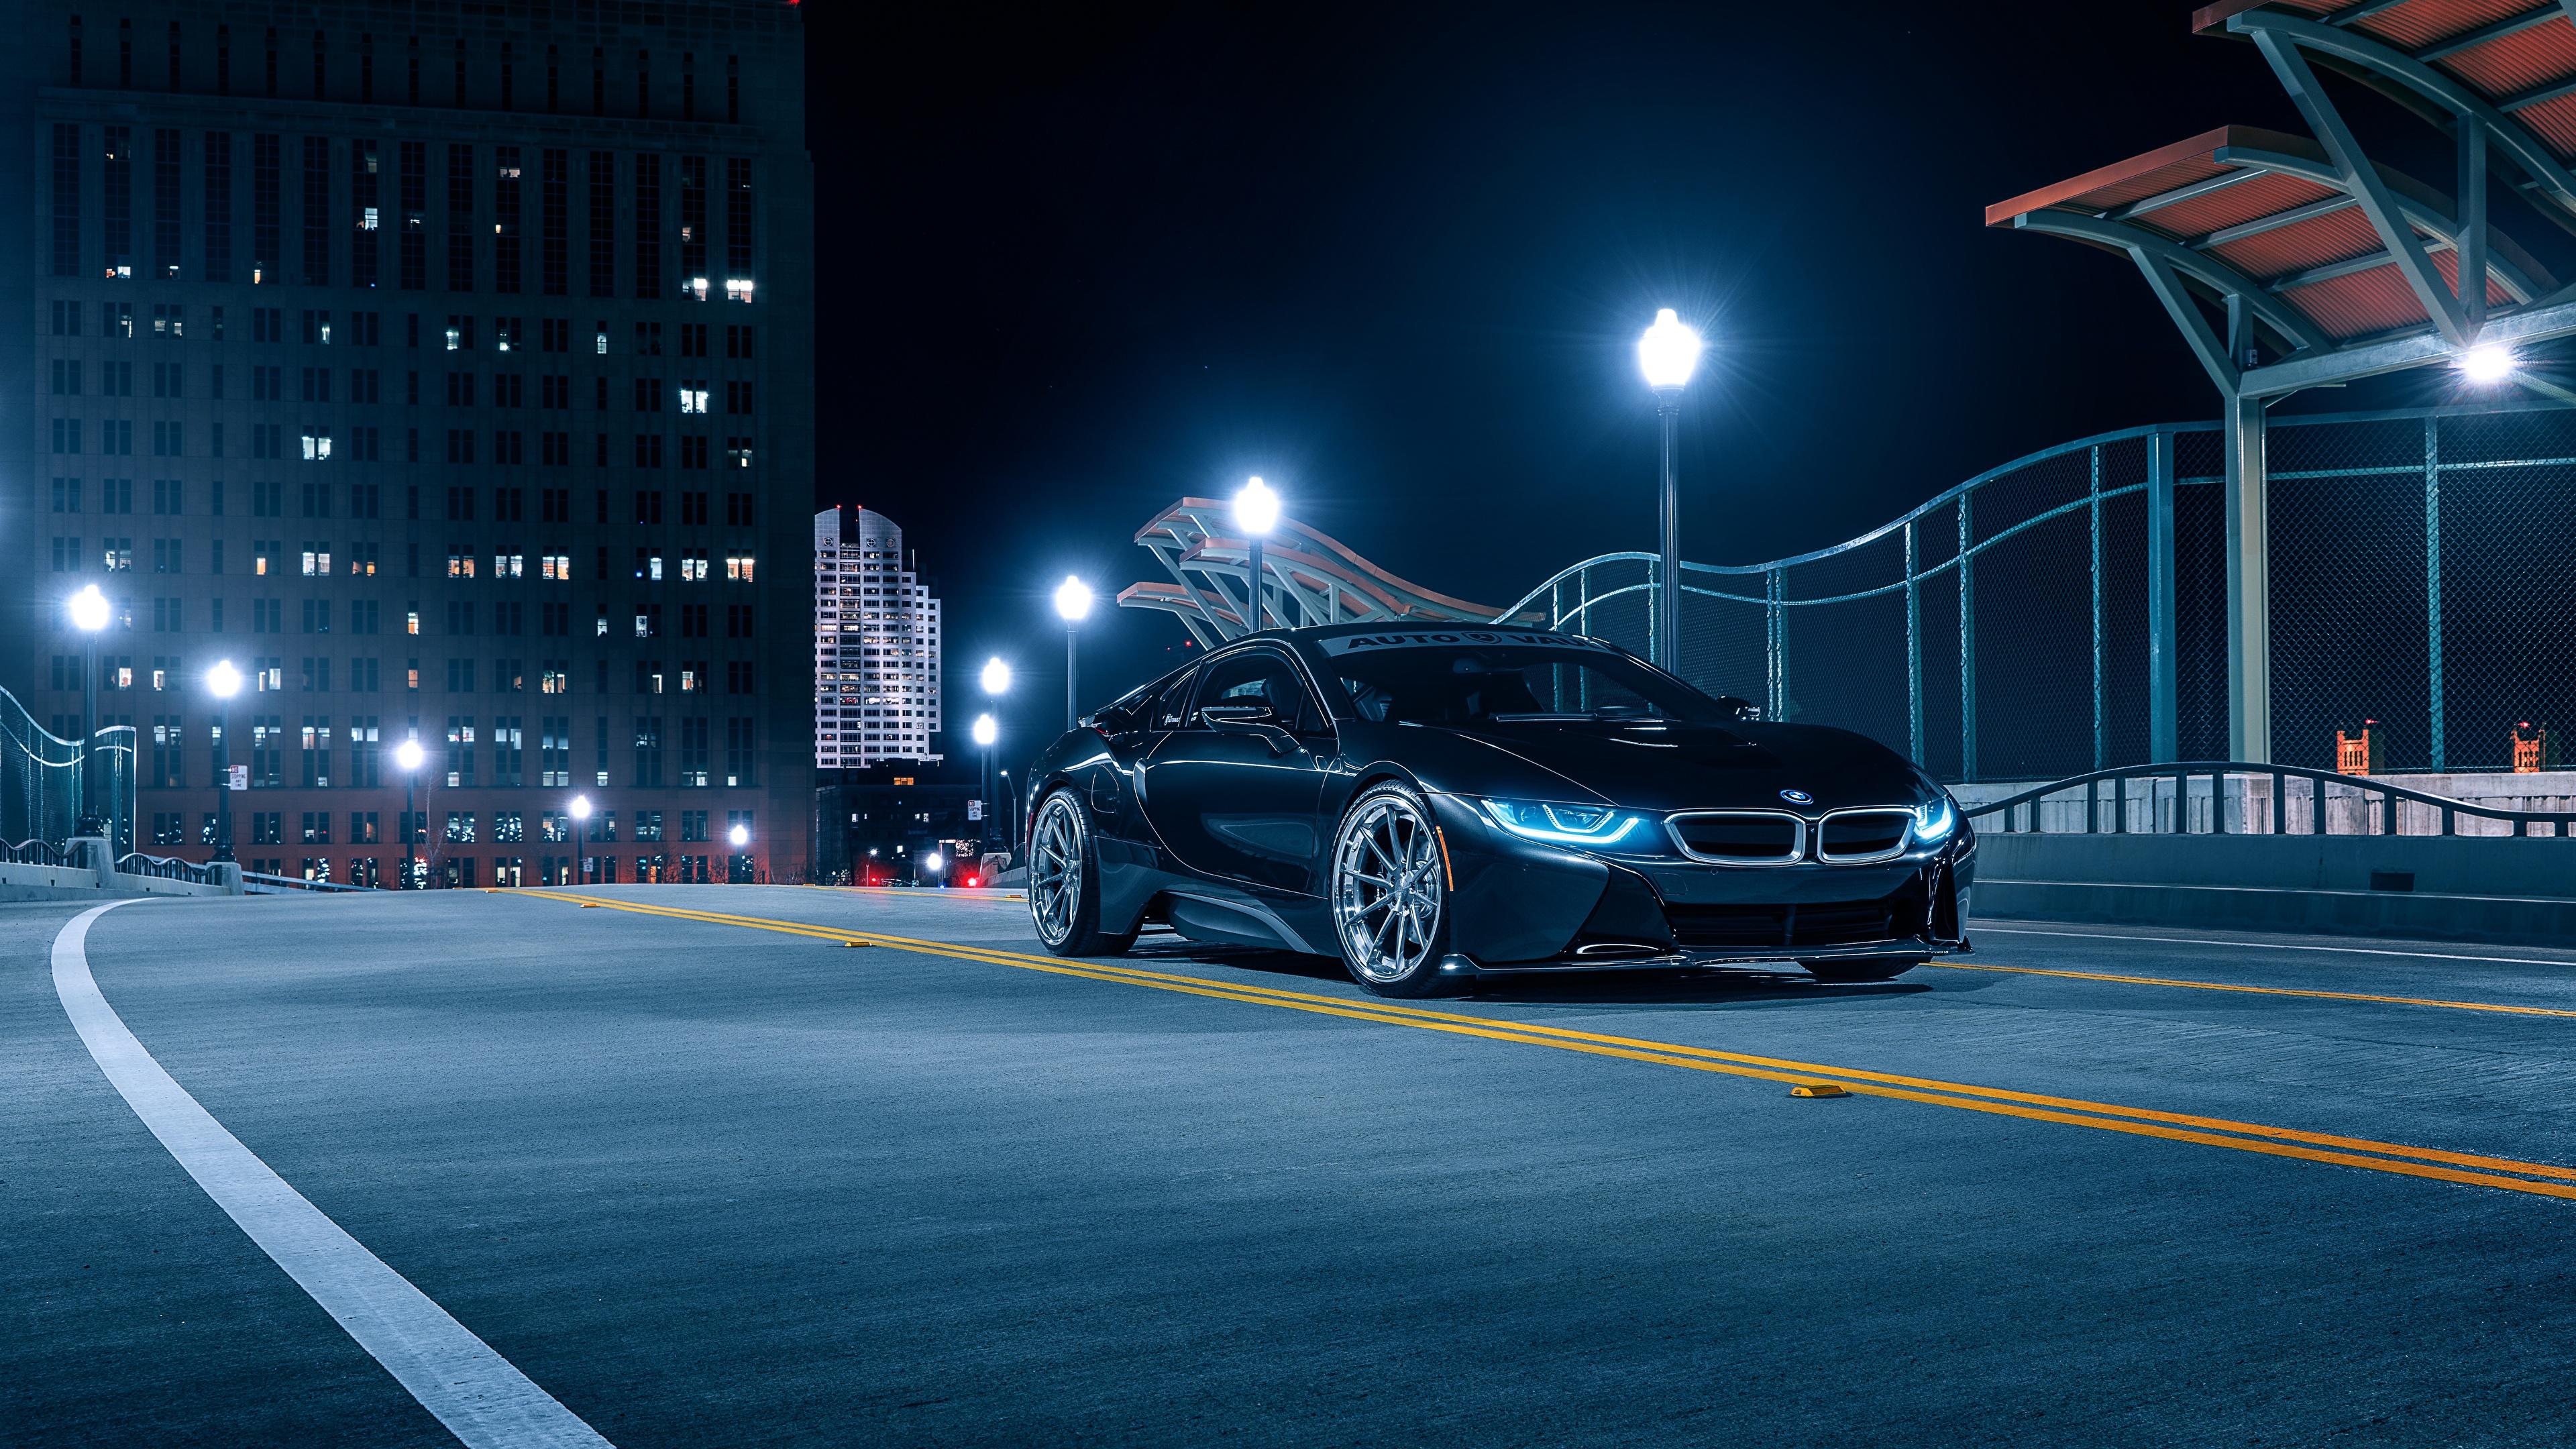 Обои для рабочего стола BMW Aristo, i8 черная Ночь авто 3840x2160 БМВ Черный черные черных ночью в ночи Ночные машины машина Автомобили автомобиль